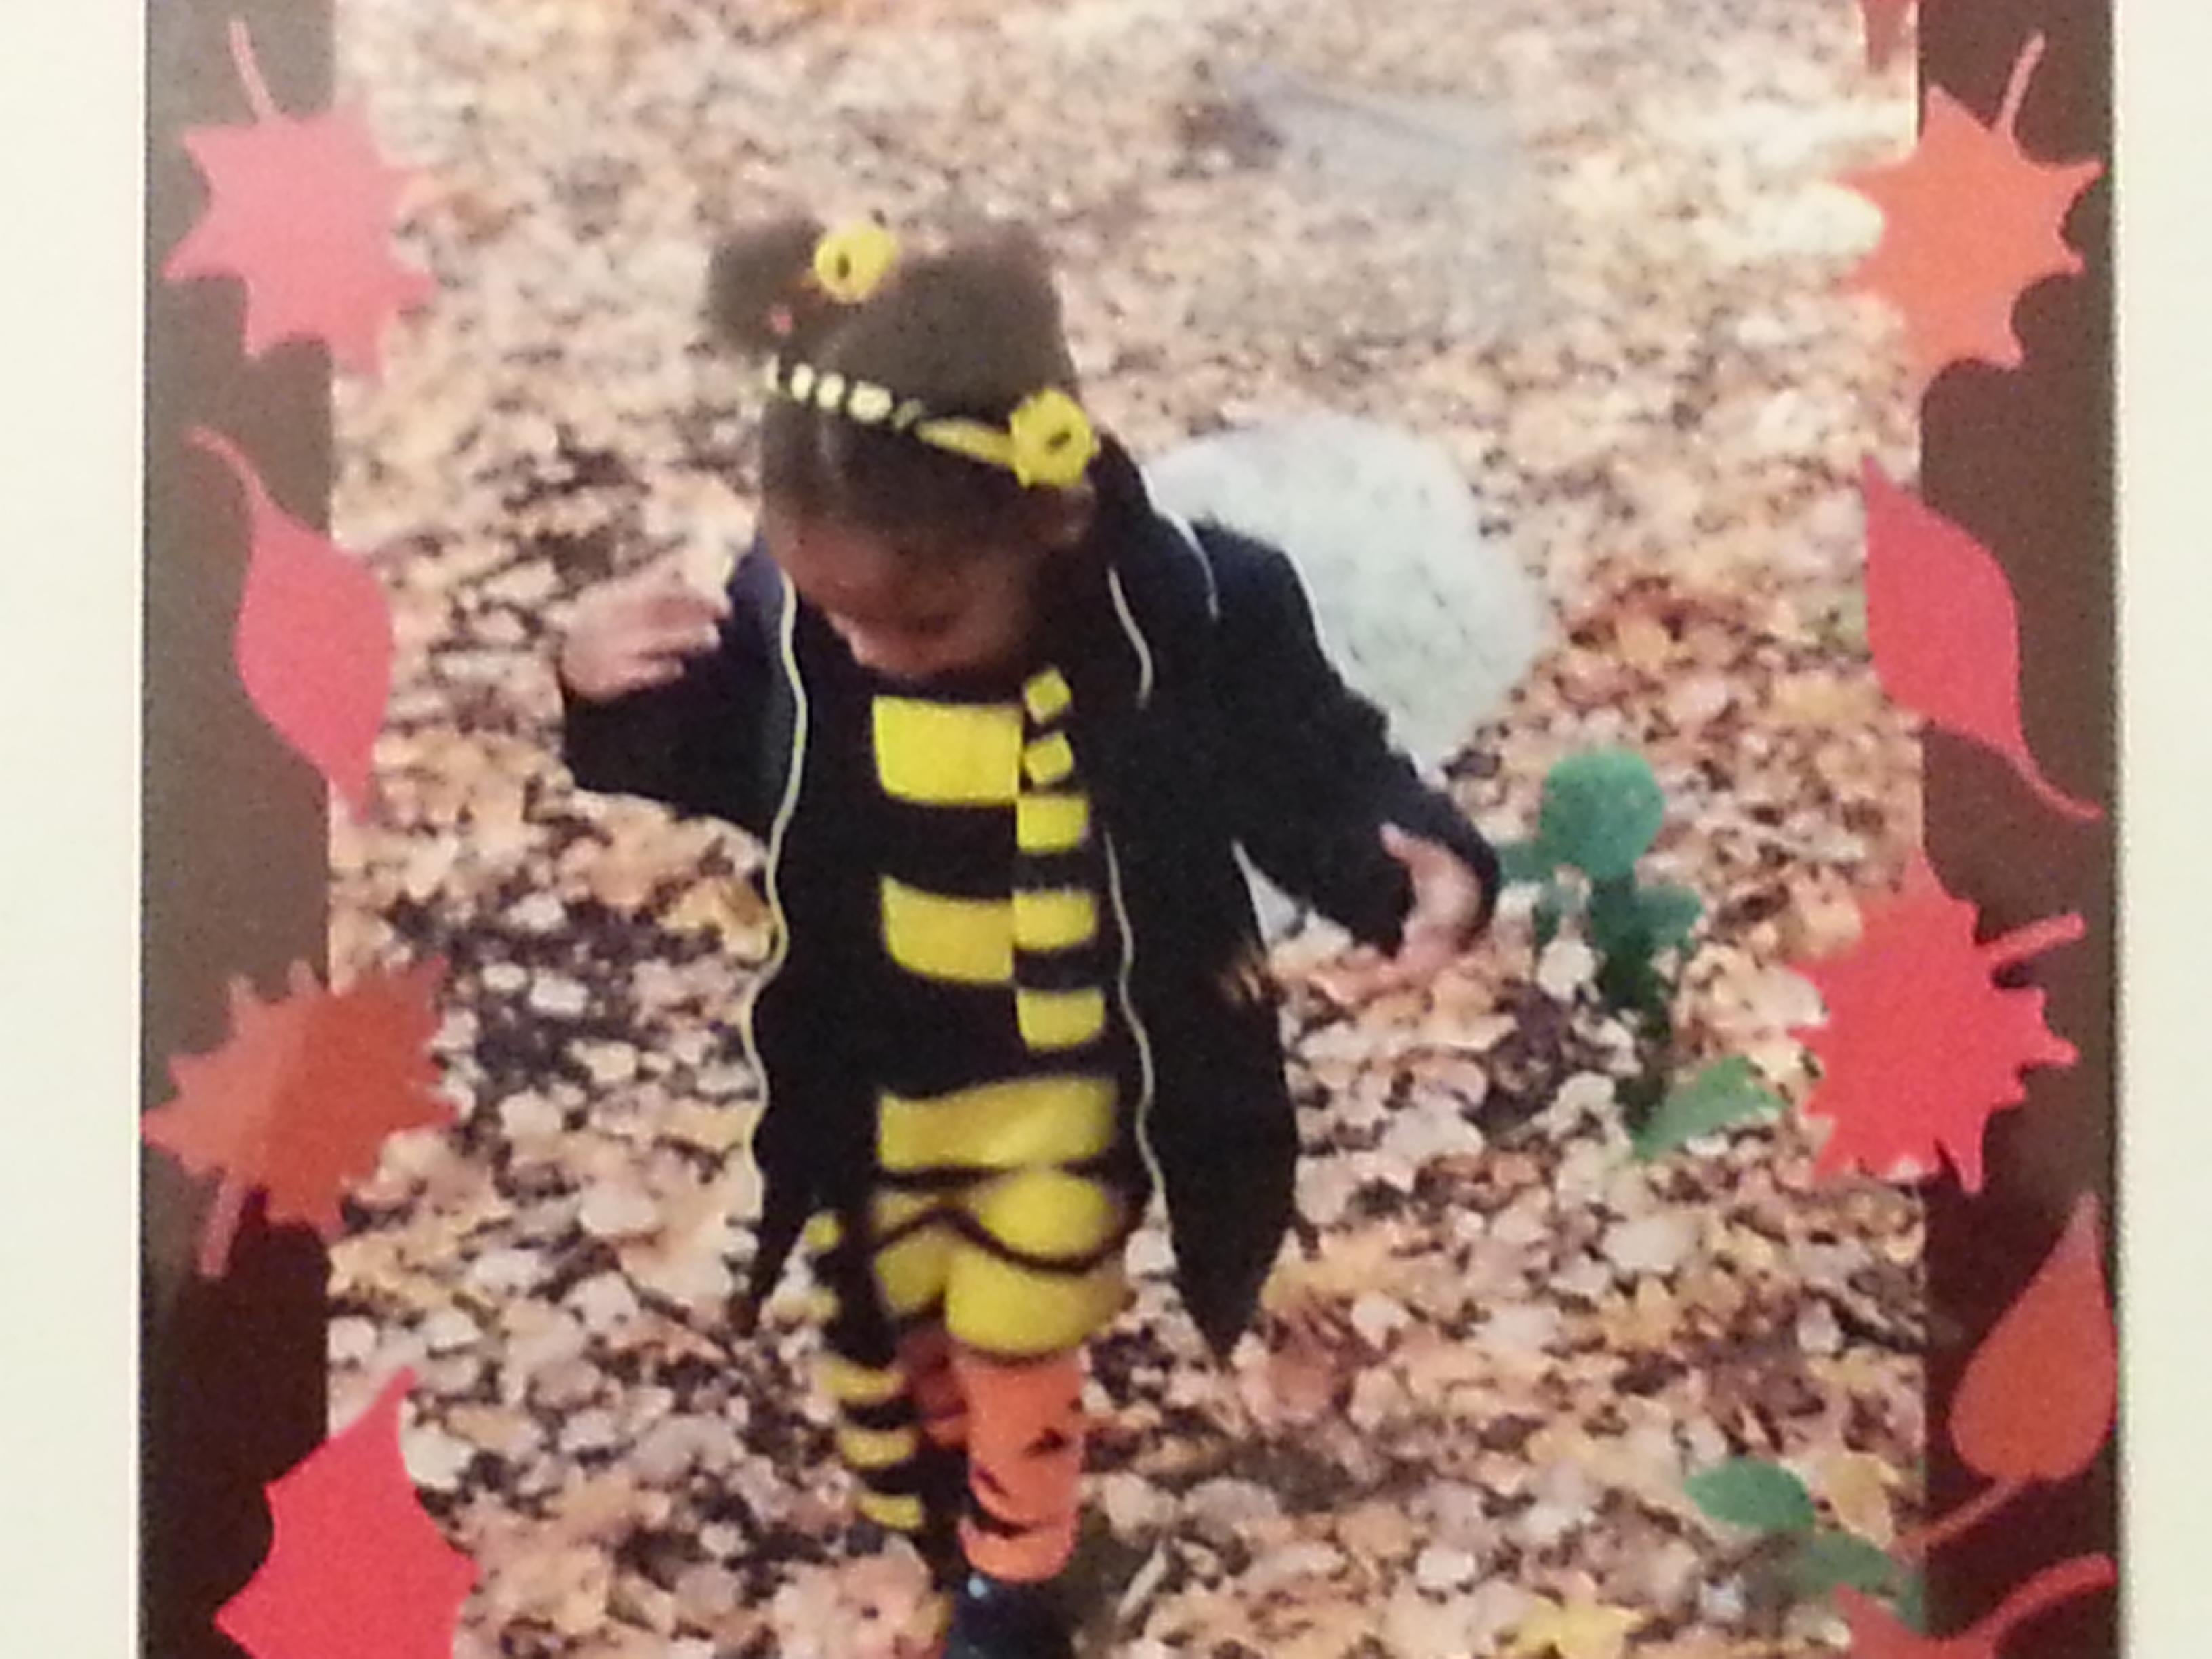 Bumblebee me